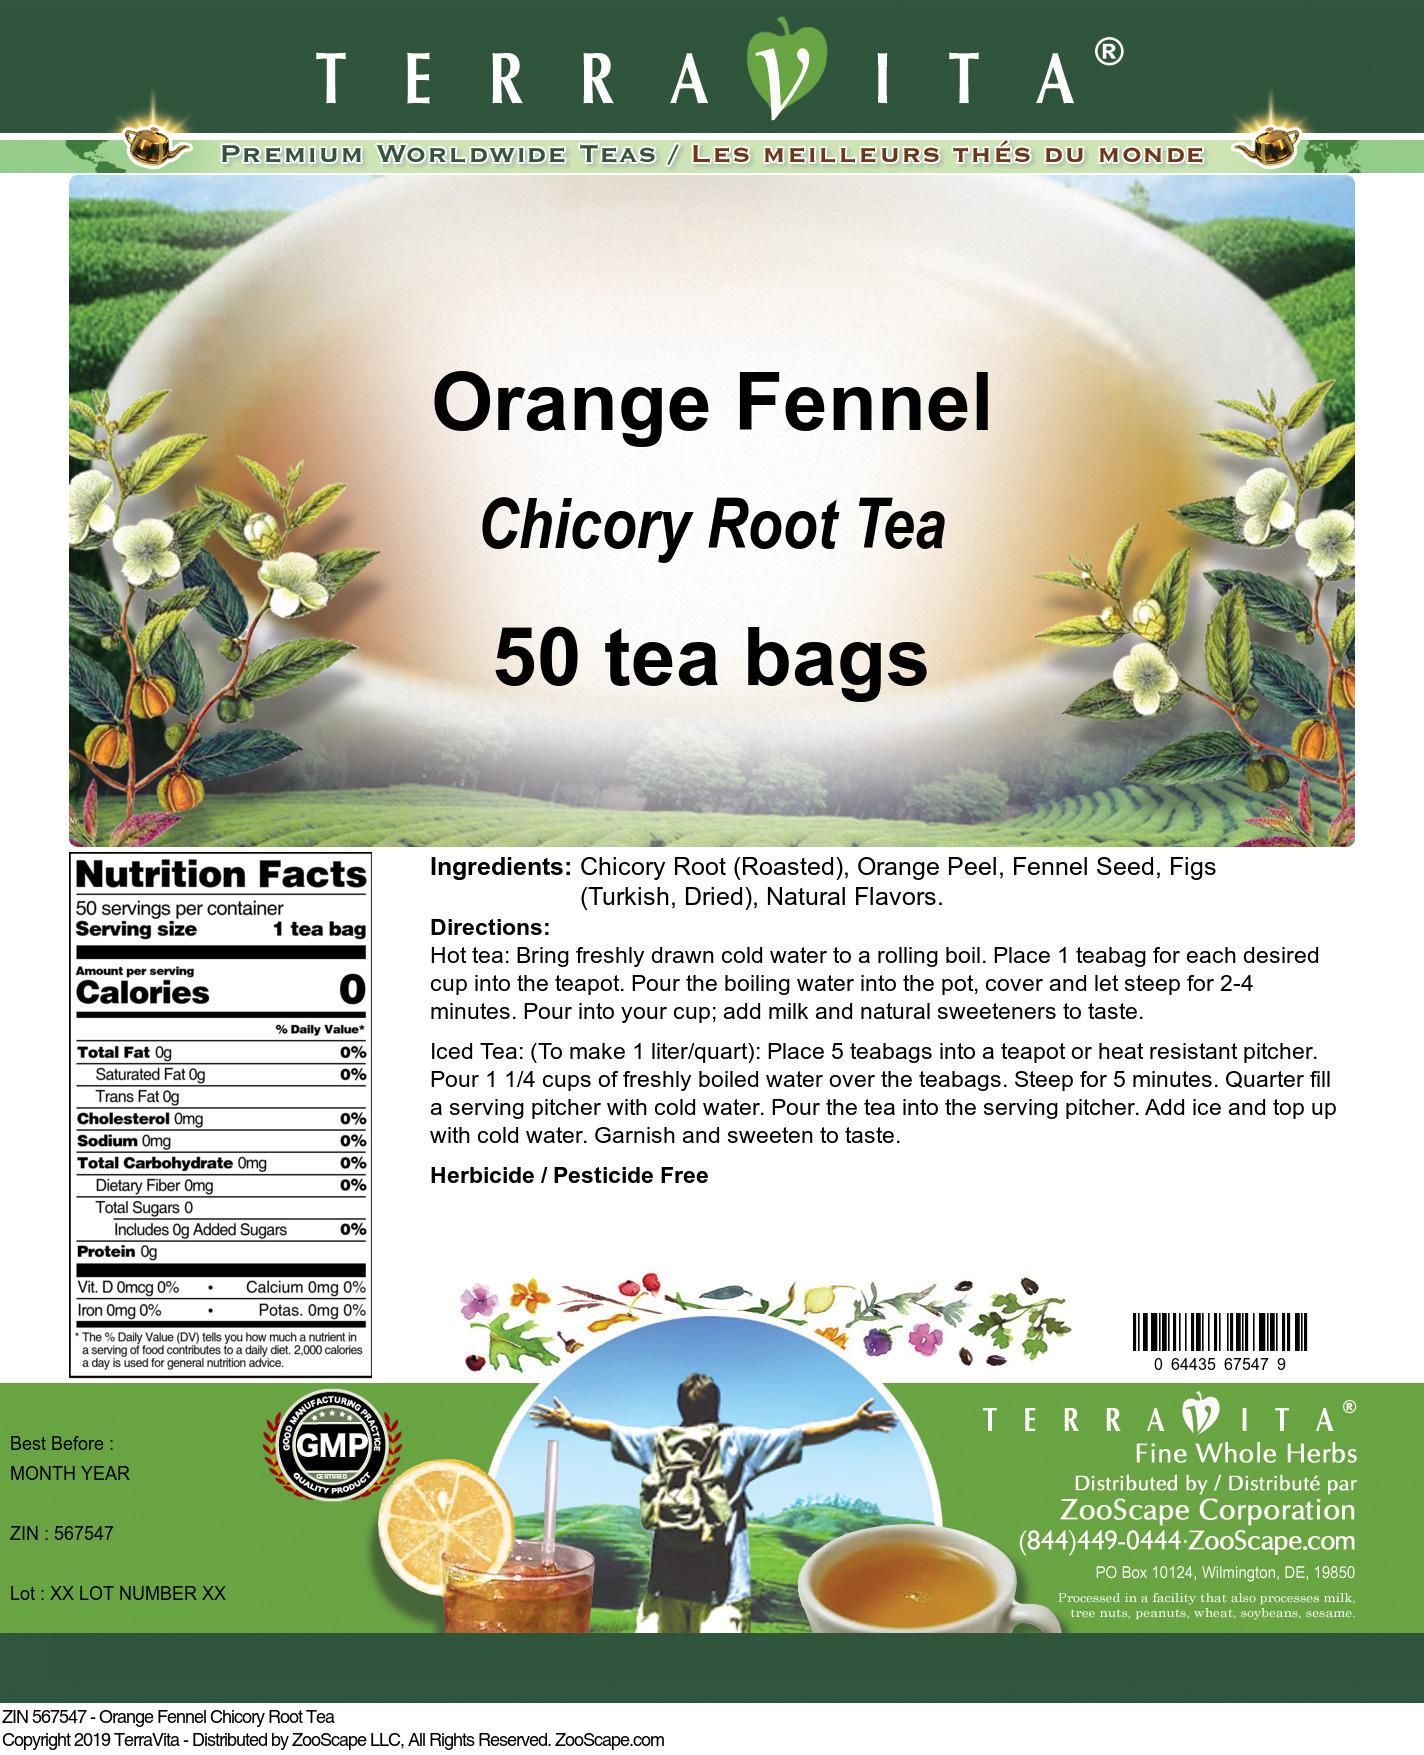 Orange Fennel Chicory Root Tea